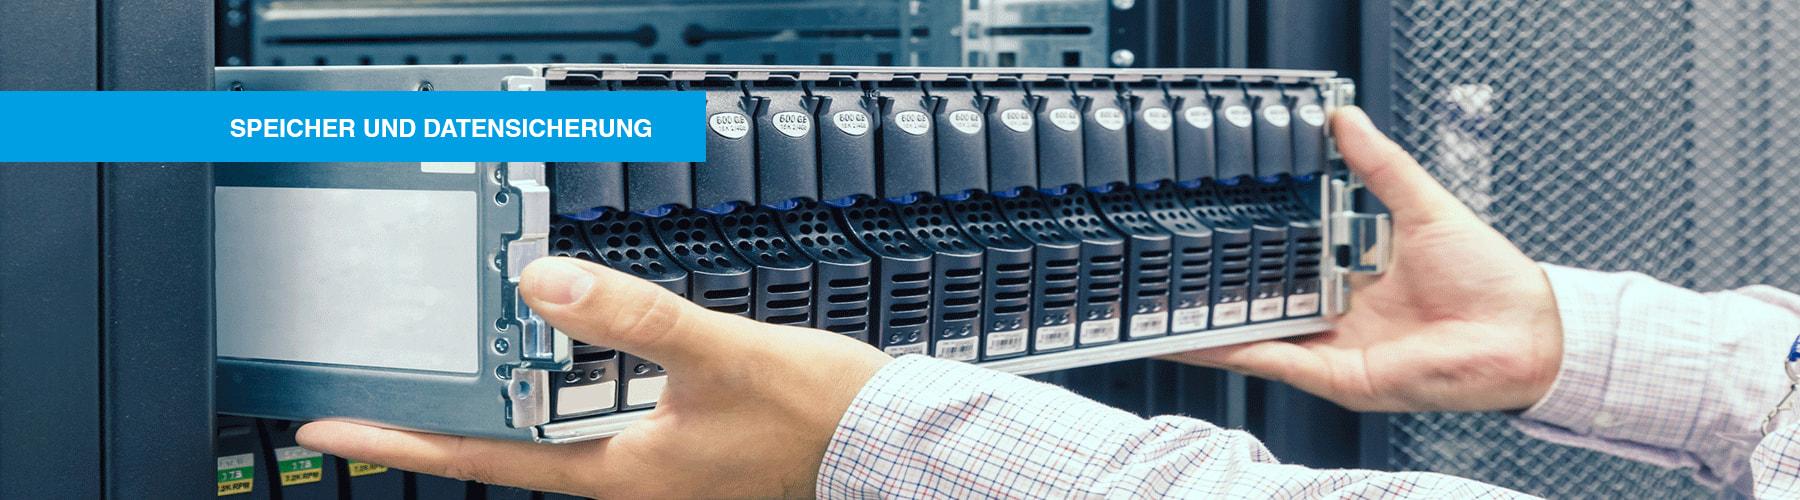 Speicher und Datensicherung />